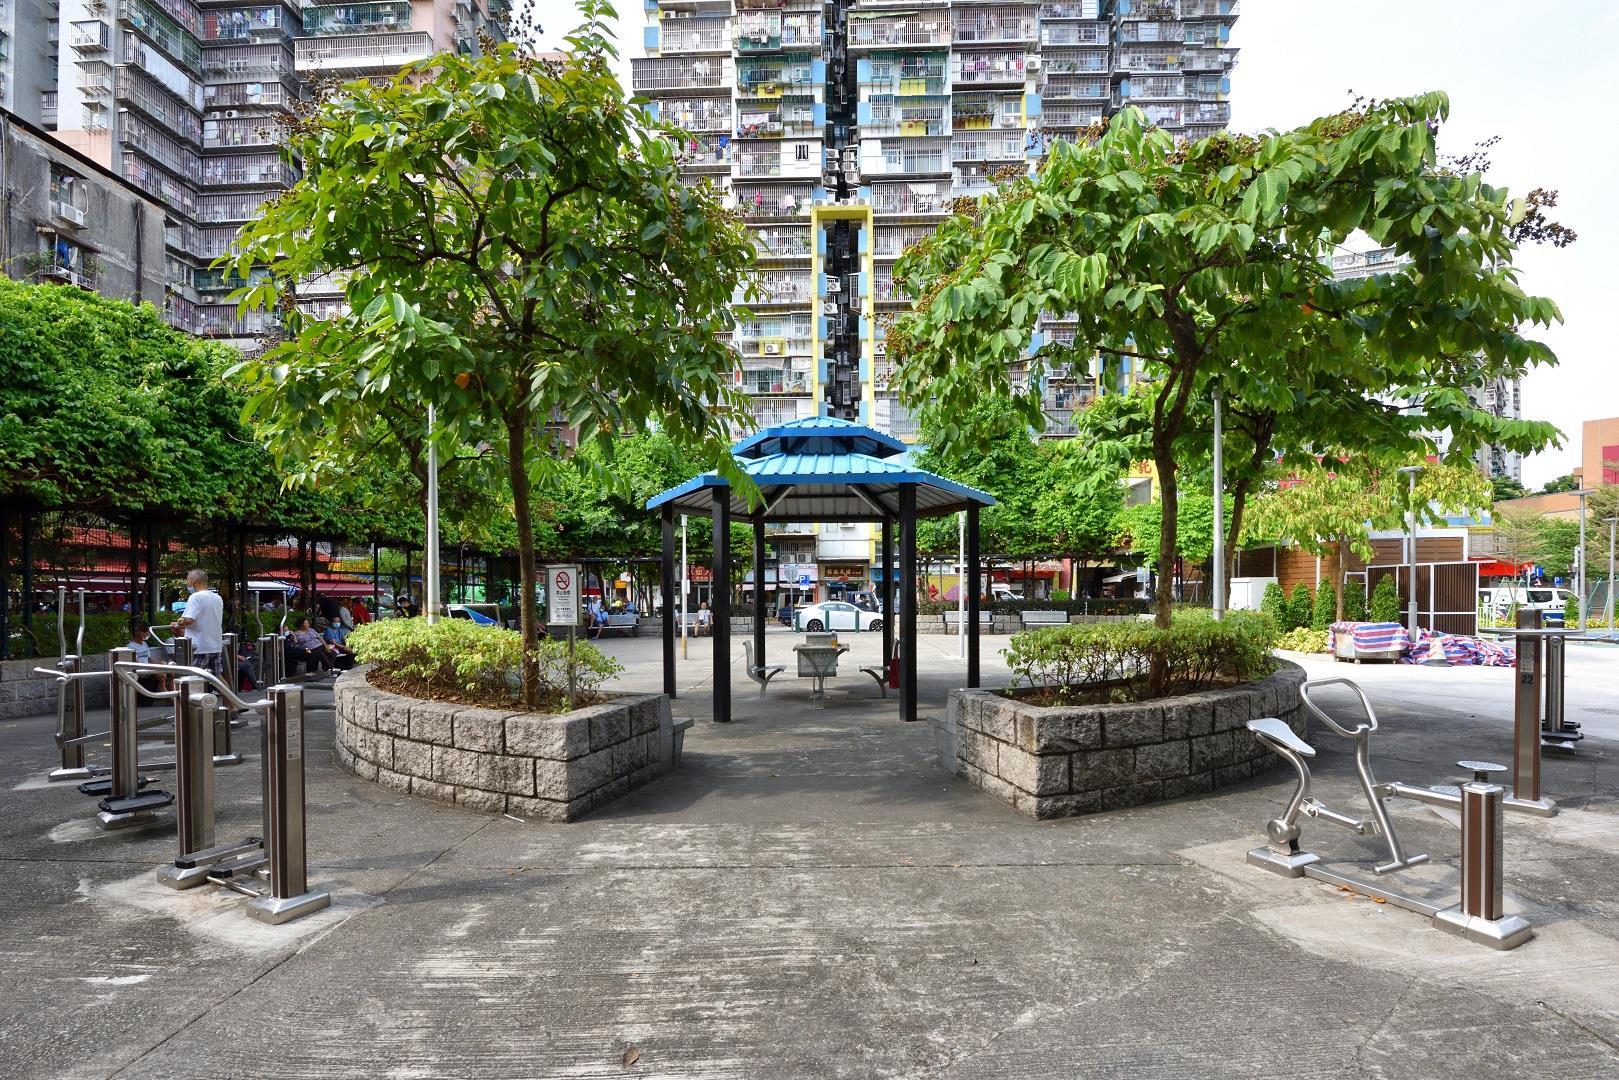 Leisure Area in Rua Oito do Bairro Iao Hon